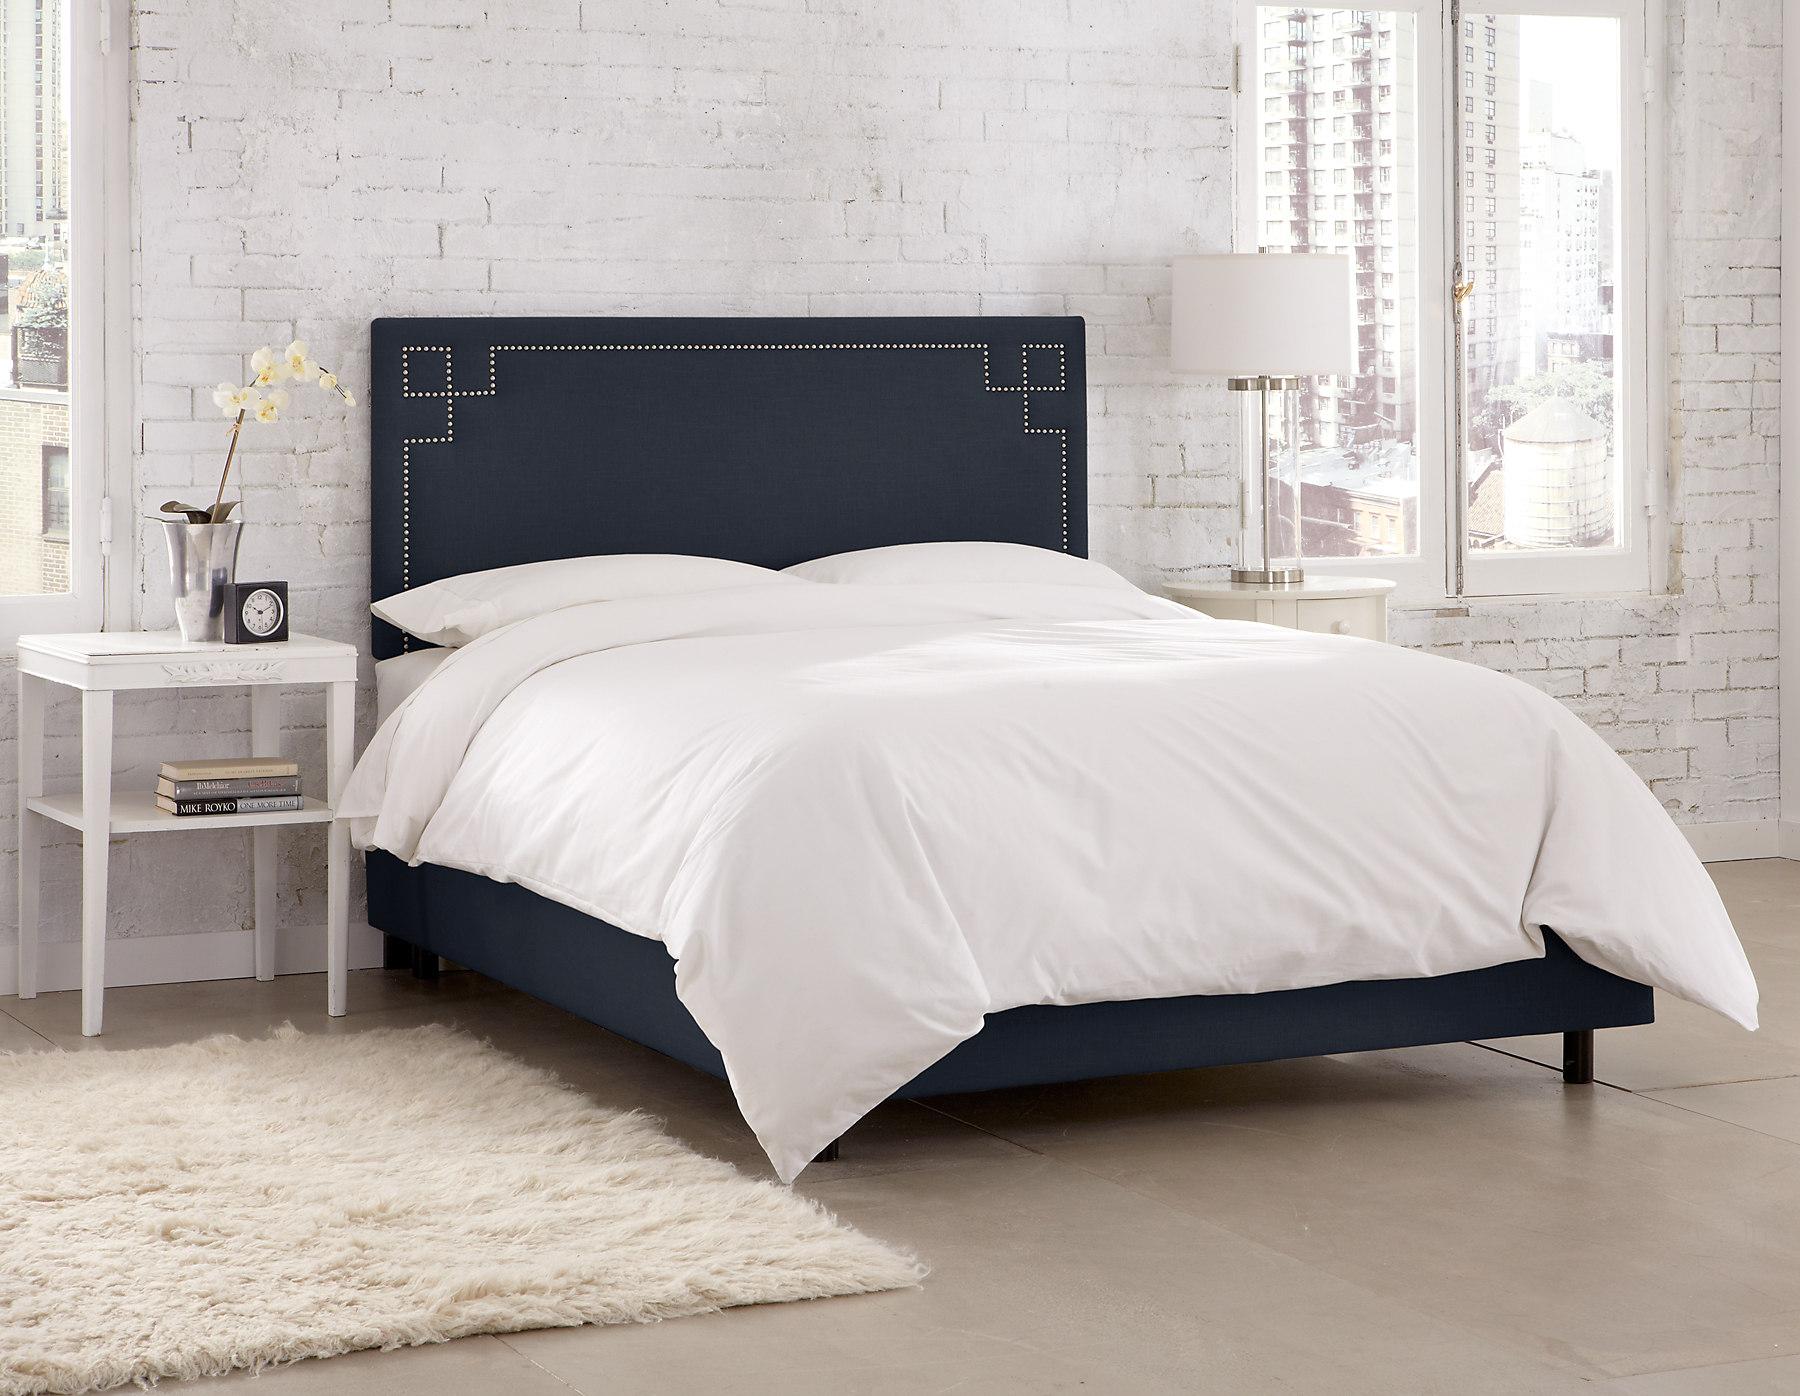 Кровать Aiden BedКровати с мягким изголовьем<br>&amp;lt;div&amp;gt;Торжество геометрического дизайна! Четкие строгие линии и спинка с затейливым узором: эту кровать, будто оригами,  хочется рассматривать все дольше и дольше. Ножки сделаны из прочного массива, а на выбор у вас целых 200 цветовых решений.&amp;amp;nbsp;&amp;lt;br&amp;gt;&amp;lt;/div&amp;gt;&amp;lt;div&amp;gt;&amp;lt;div&amp;gt;&amp;lt;br&amp;gt;&amp;lt;/div&amp;gt;&amp;lt;div&amp;gt;Дополнительные возможности:<br>Подъемный механизм &amp;lt;br&amp;gt;<br>Размеры спального места:&amp;amp;nbsp;&amp;lt;div&amp;gt;140*200&amp;amp;nbsp;&amp;lt;/div&amp;gt;&amp;lt;div&amp;gt;160*200&amp;amp;nbsp;&amp;amp;nbsp;&amp;lt;/div&amp;gt;&amp;lt;div&amp;gt;180*200&amp;amp;nbsp;&amp;lt;/div&amp;gt;&amp;lt;div&amp;gt;200*200 - представлено&amp;lt;/div&amp;gt;&amp;lt;div&amp;gt;&amp;lt;br&amp;gt;&amp;lt;/div&amp;gt;&amp;lt;/div&amp;gt;&amp;lt;/div&amp;gt;<br><br>Material: Текстиль<br>Ширина см: 210.0<br>Высота см: 130.0<br>Глубина см: 212.0